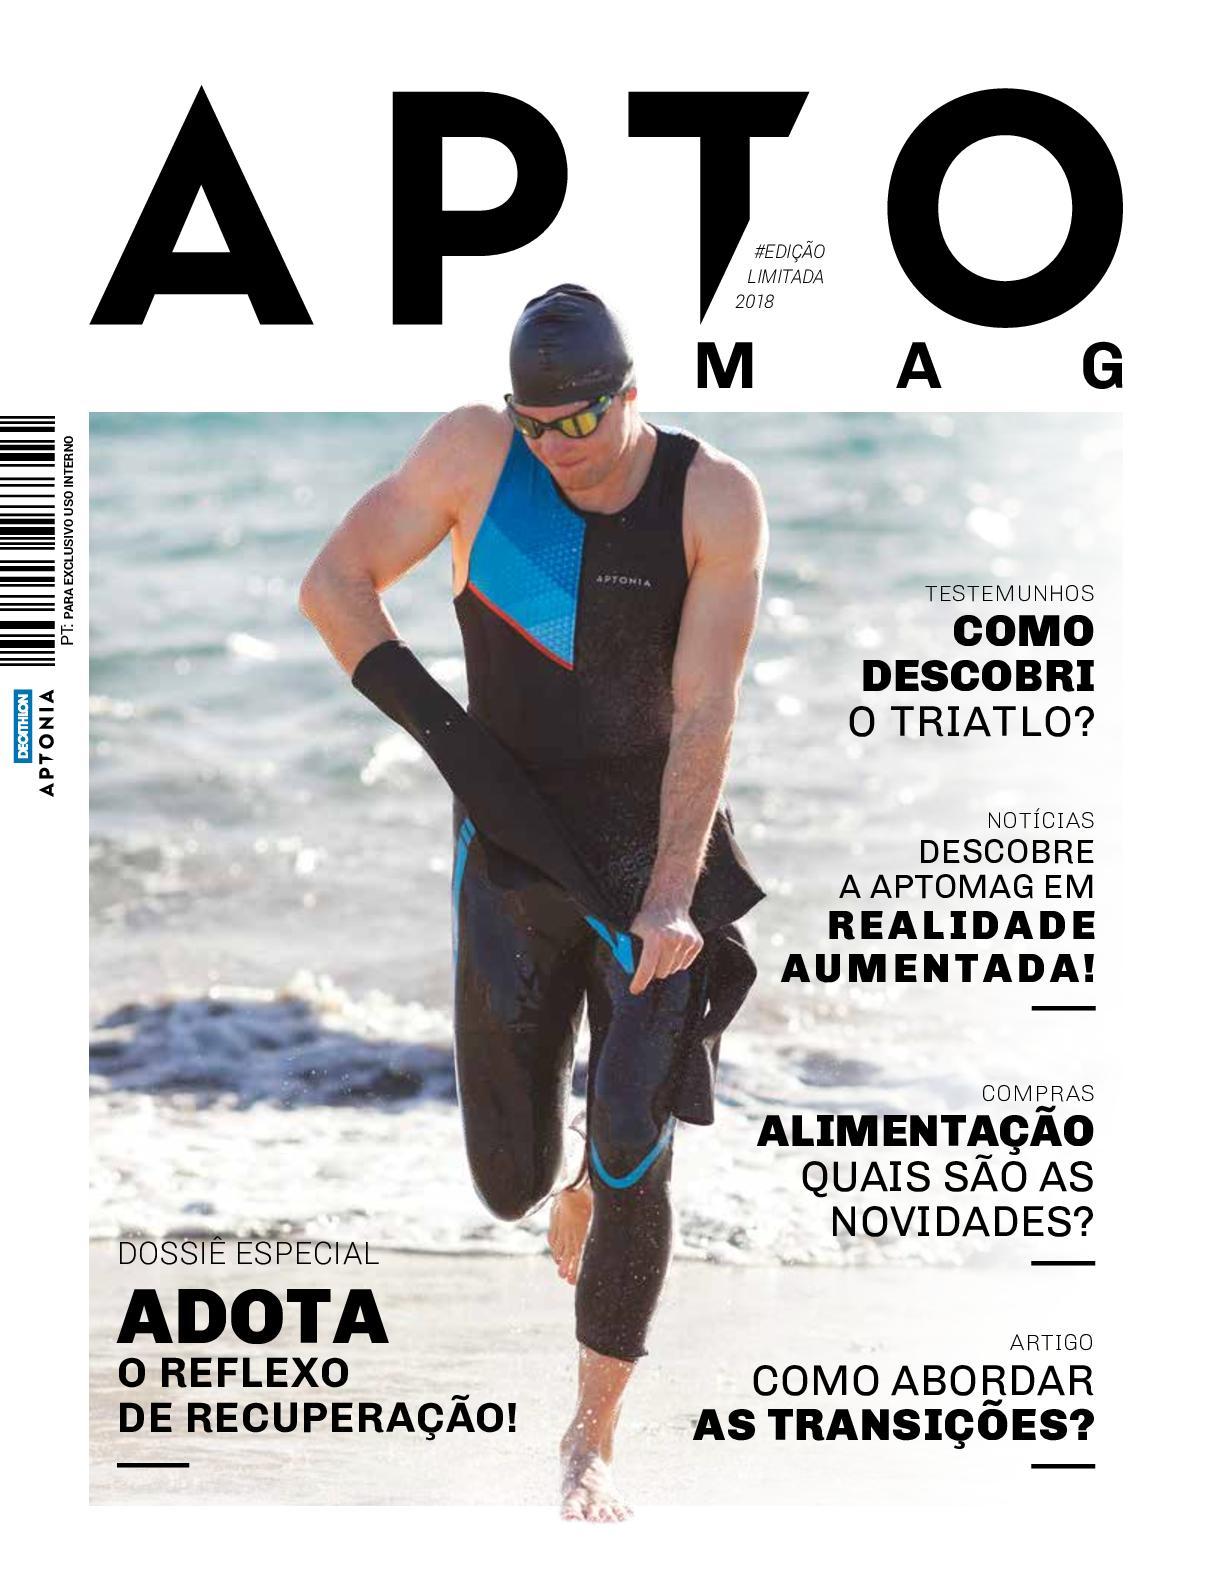 Calaméo - Aptomag 2018 Aptonia TRIATHLON PT 118e4d0c584